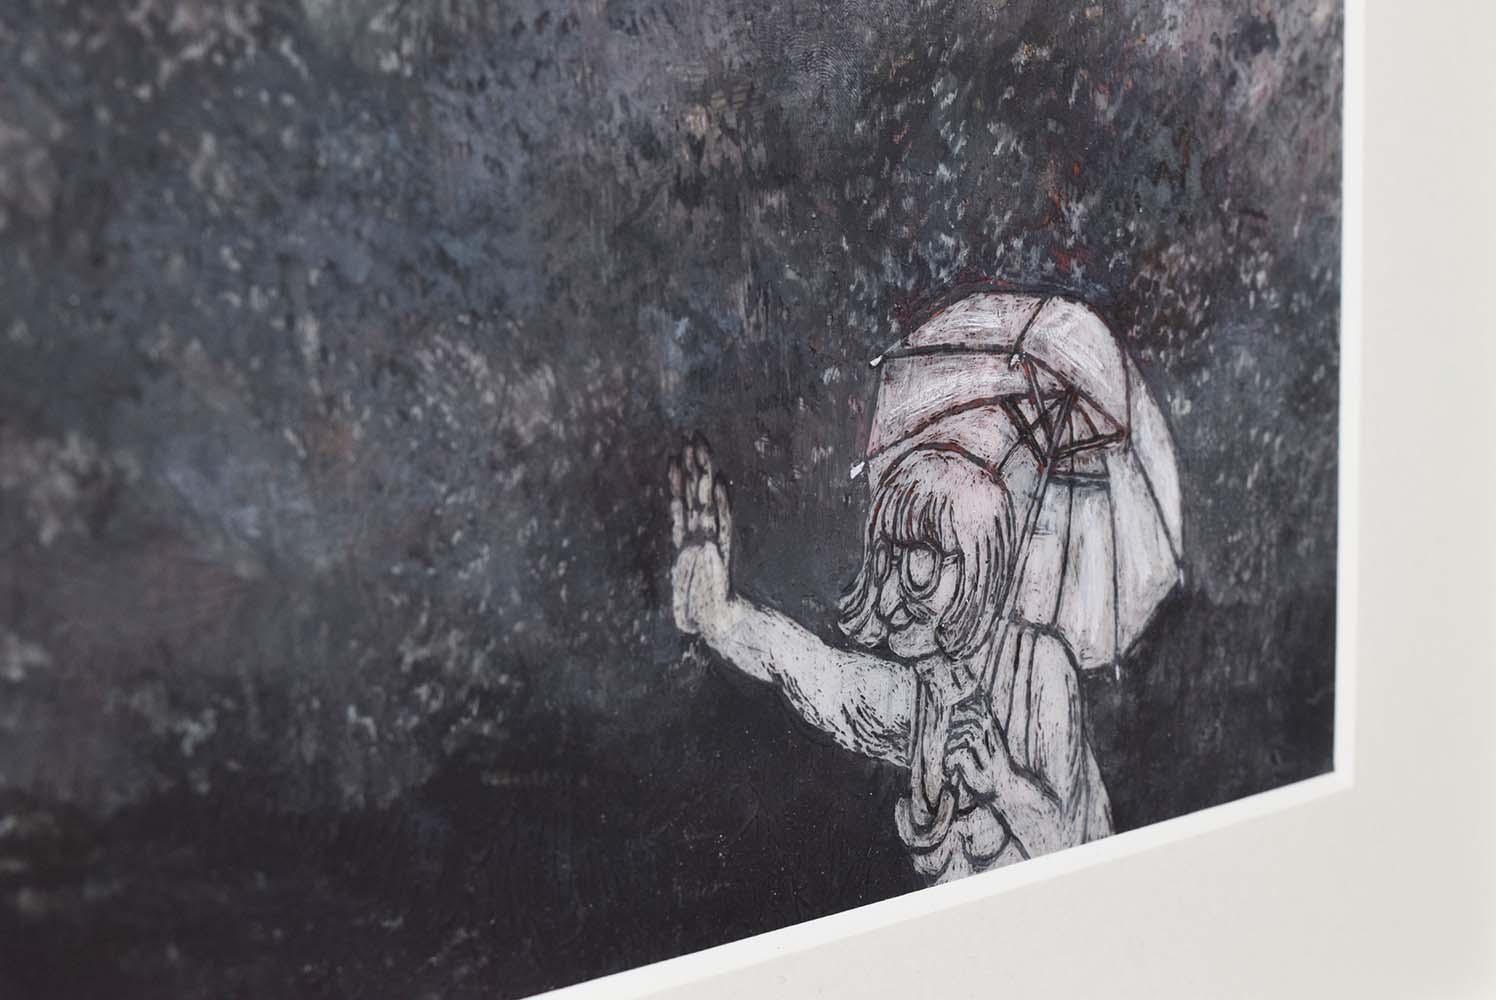 中原智美 個展「蜂をつかむ」@搬入_e0272050_20113863.jpg